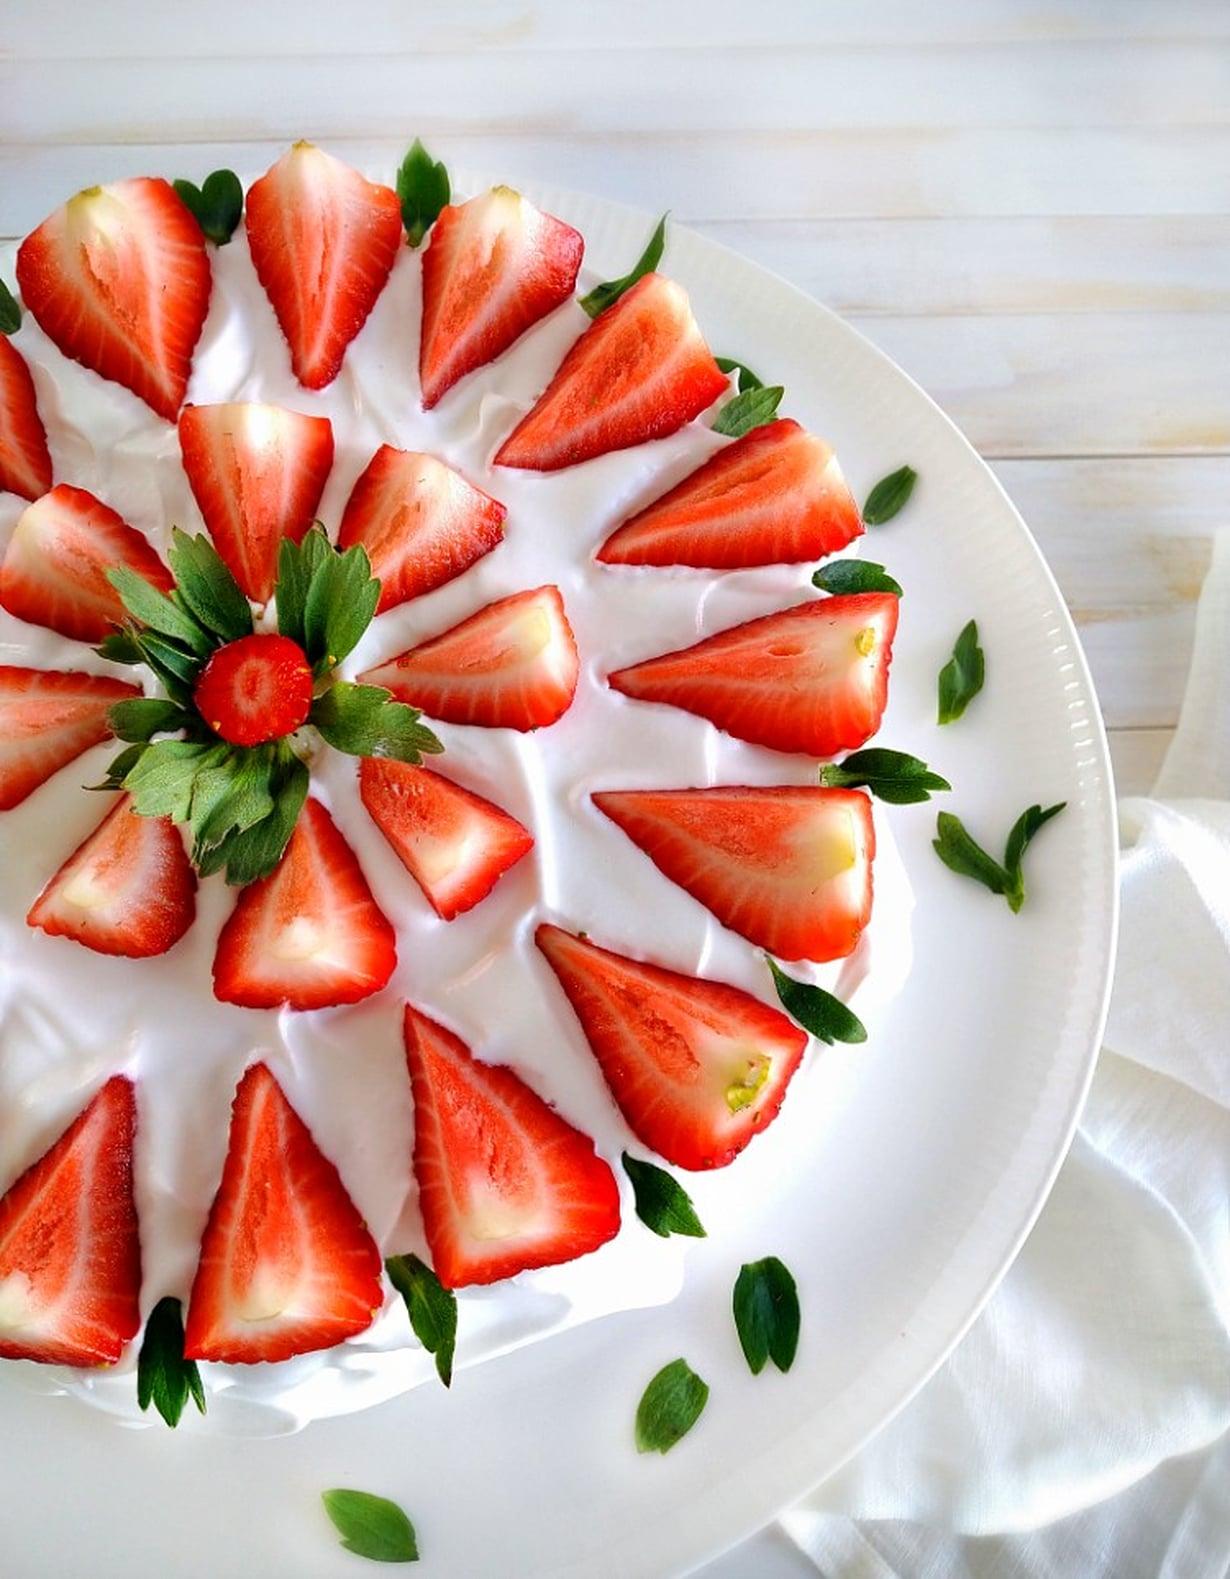 Herkullinen mansikkakakku ilman gluteenia ja maitotuotteita